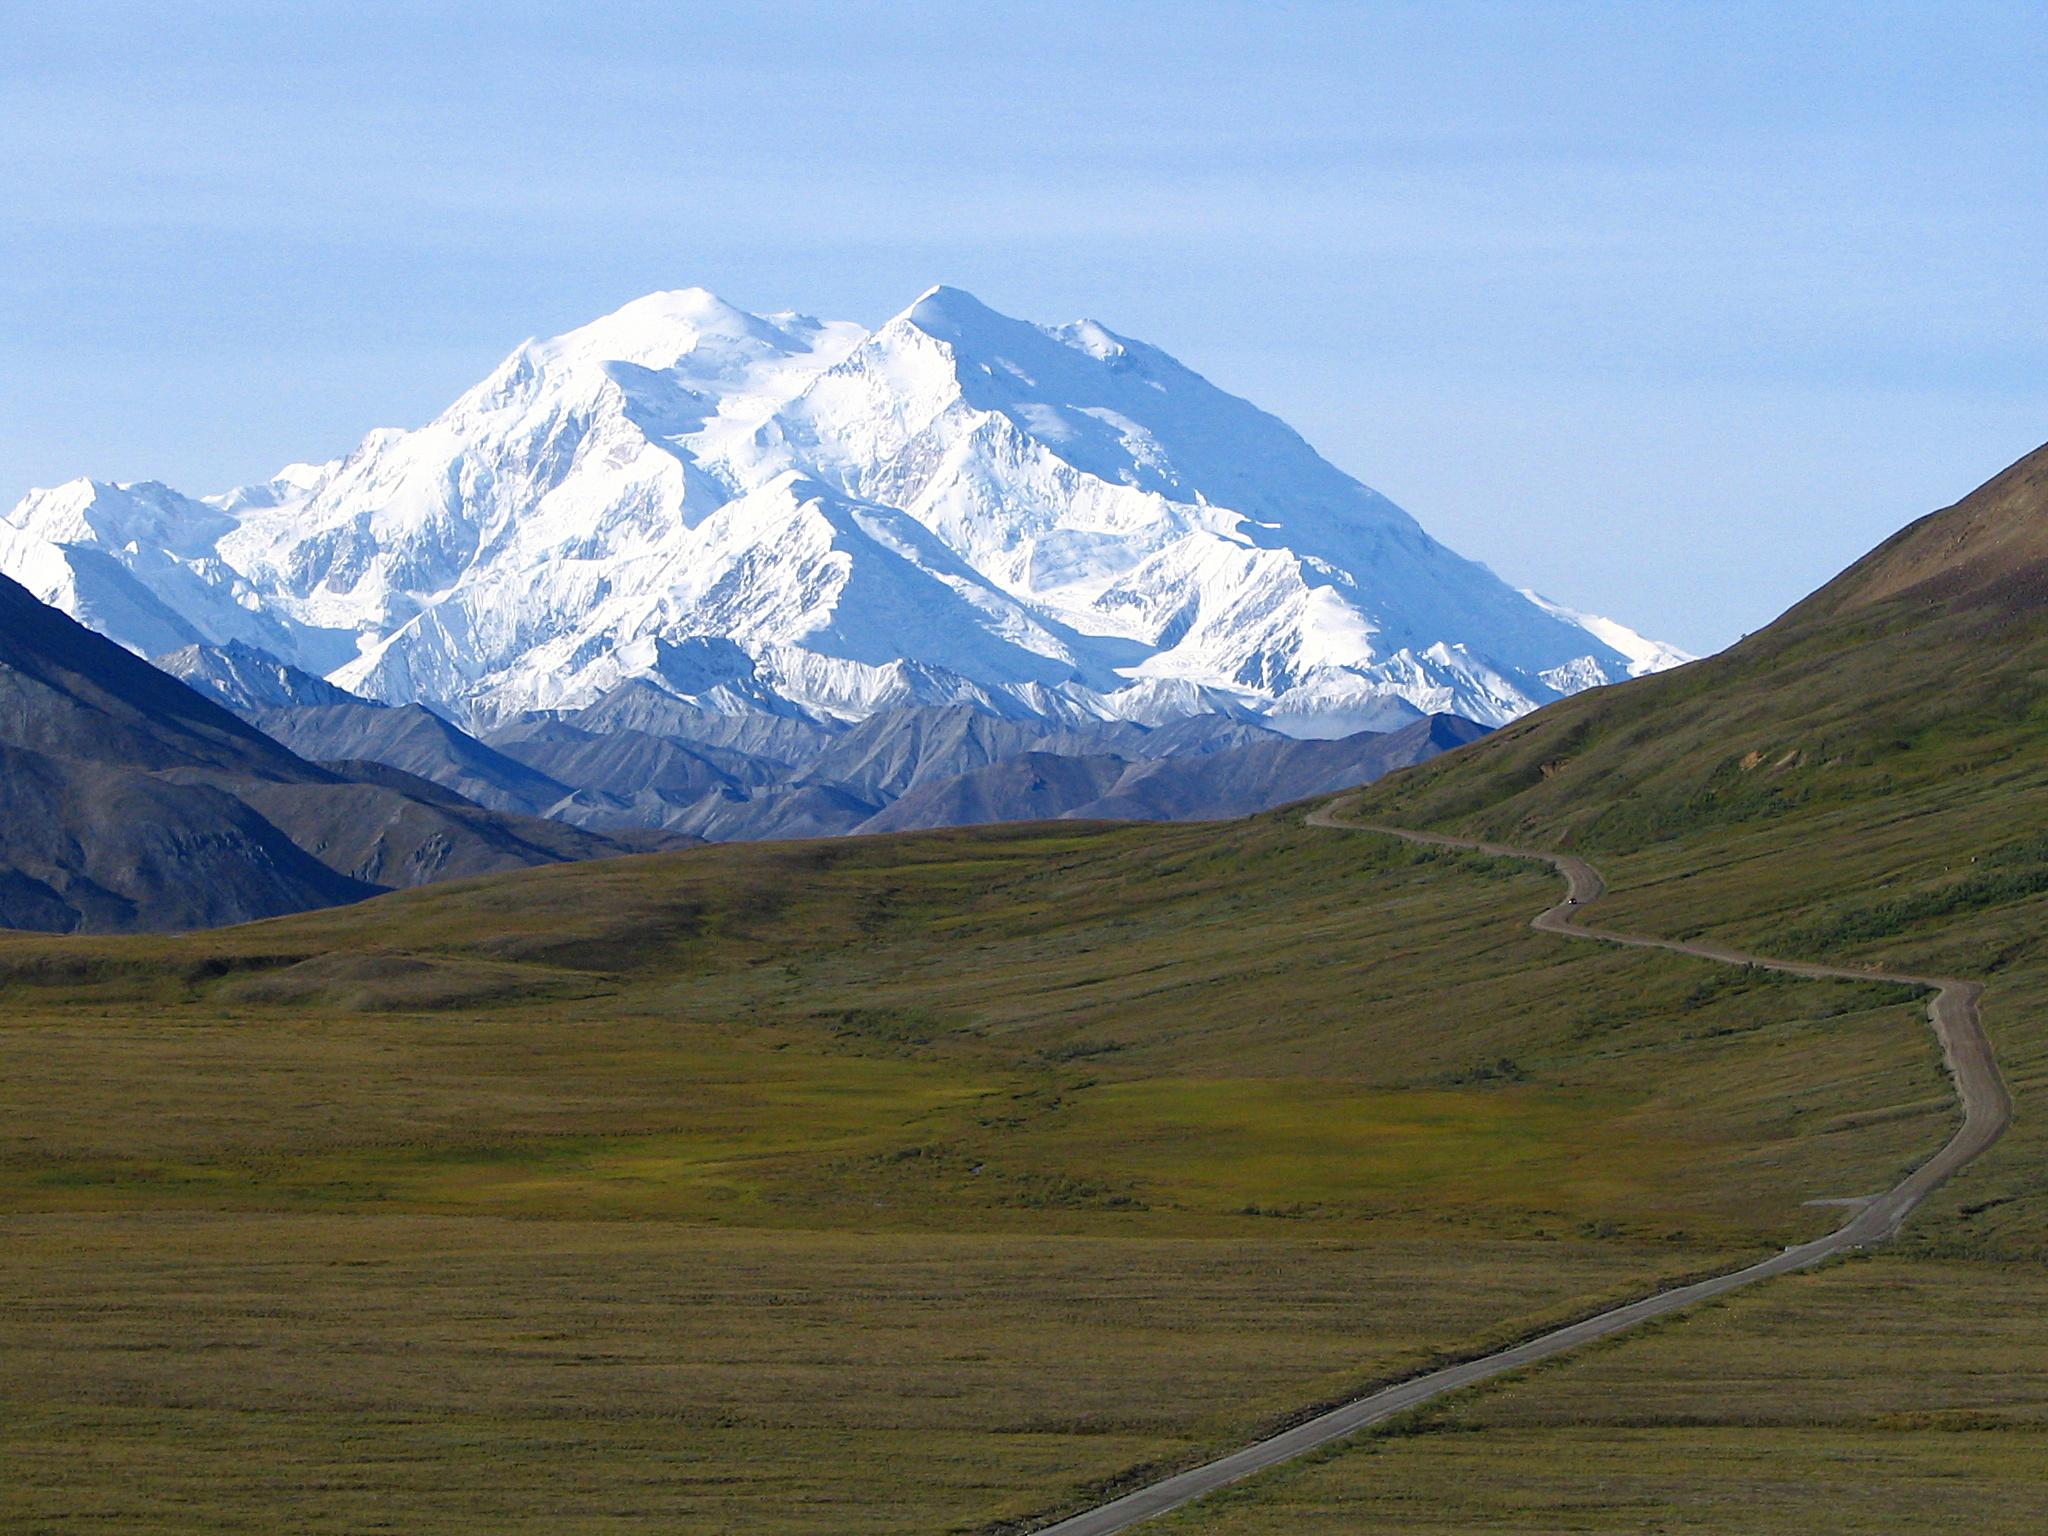 Denali or Mount McKinley